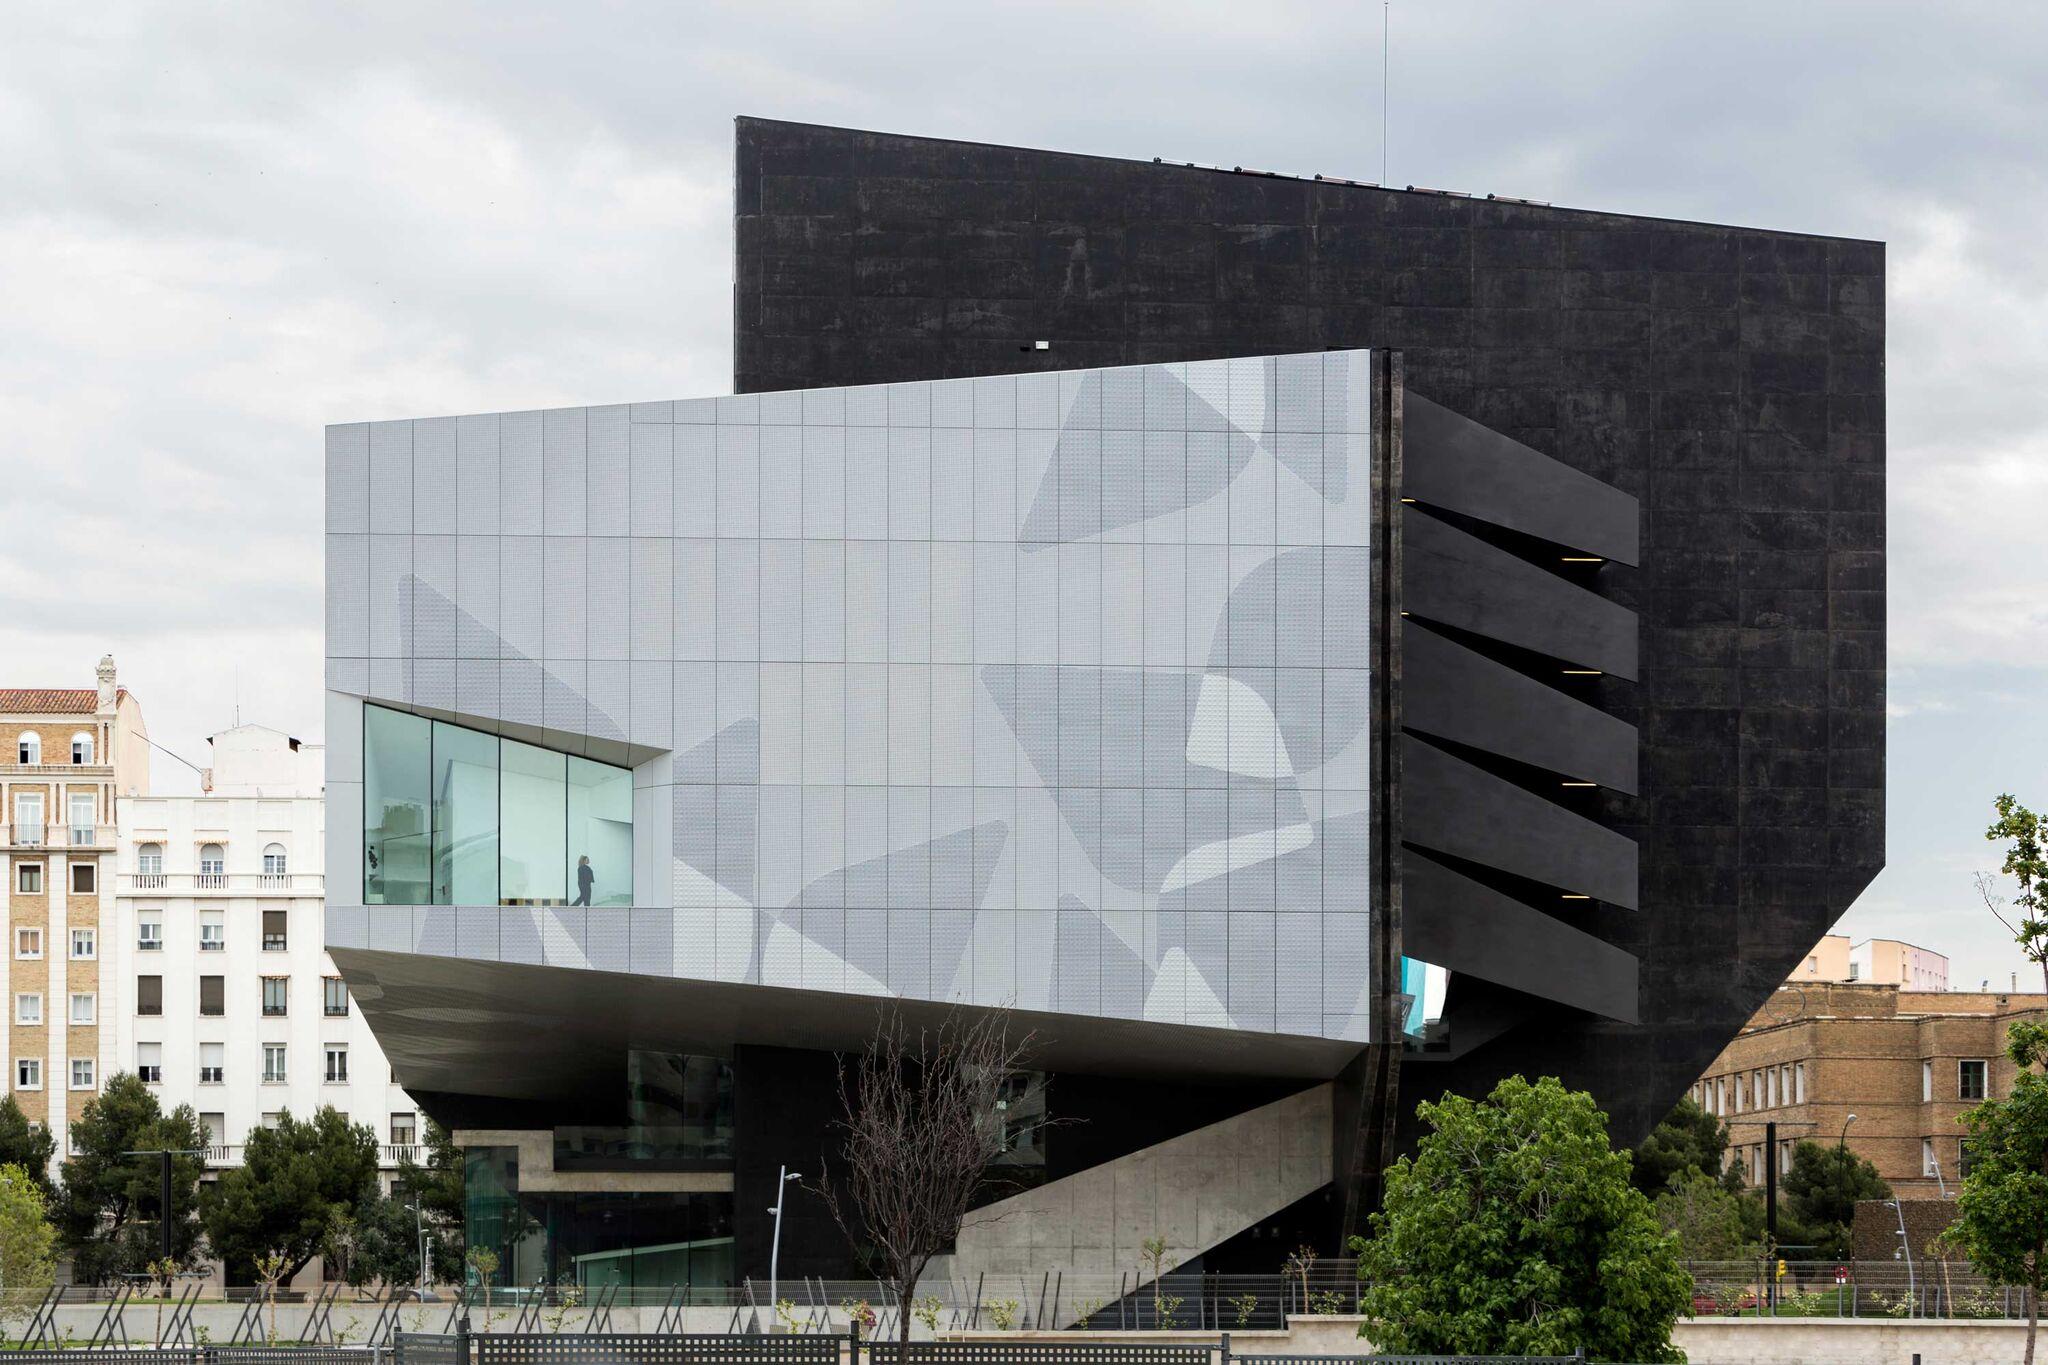 Caixaforum Zaragoza - Museum, Auditorium and Cultural Centre -  Alexandra Zafiriou (MPavilion)